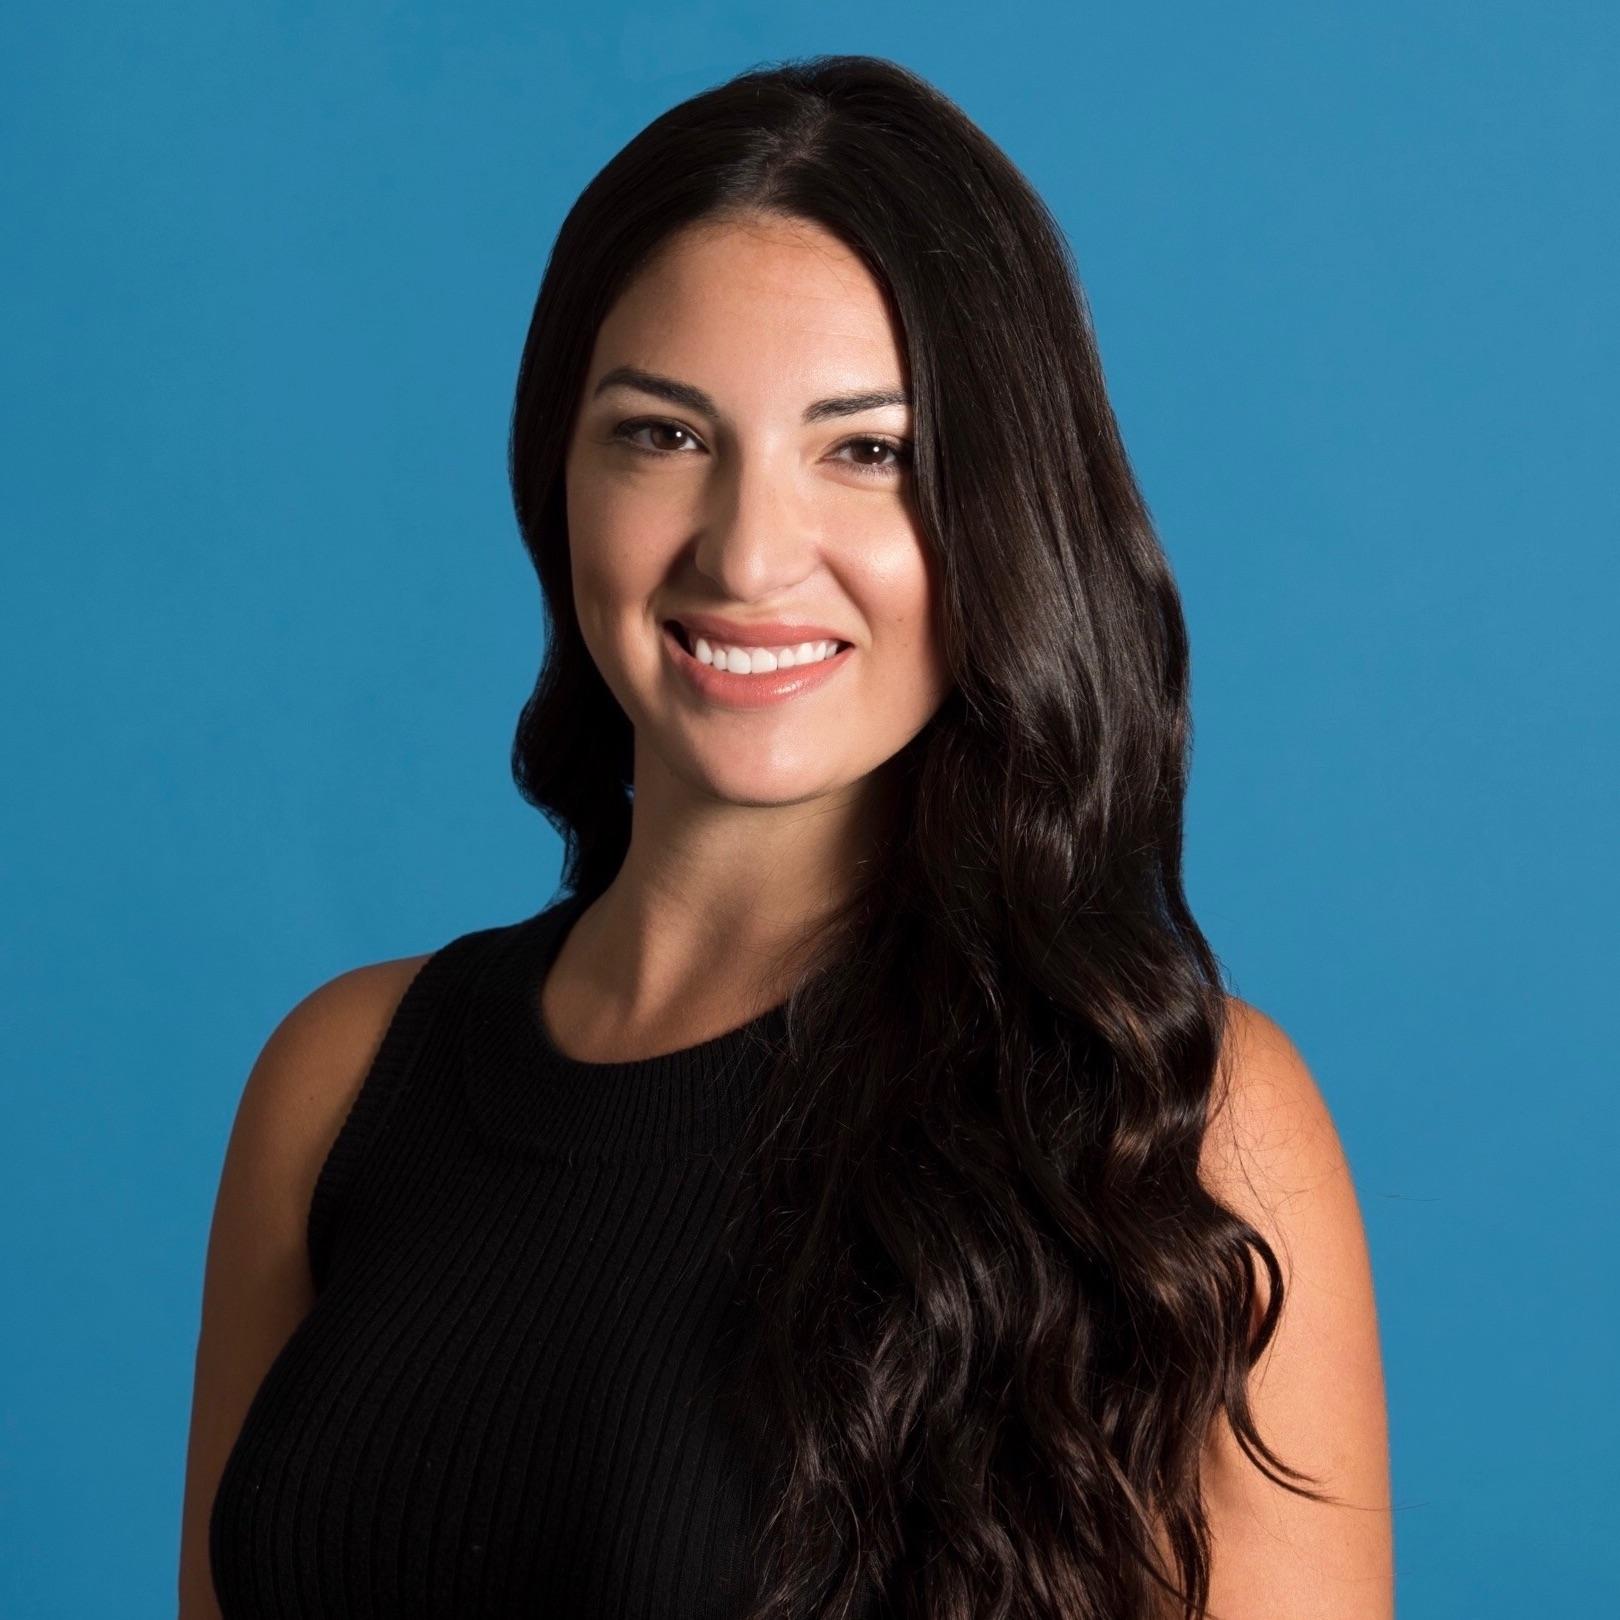 Ashley Perez